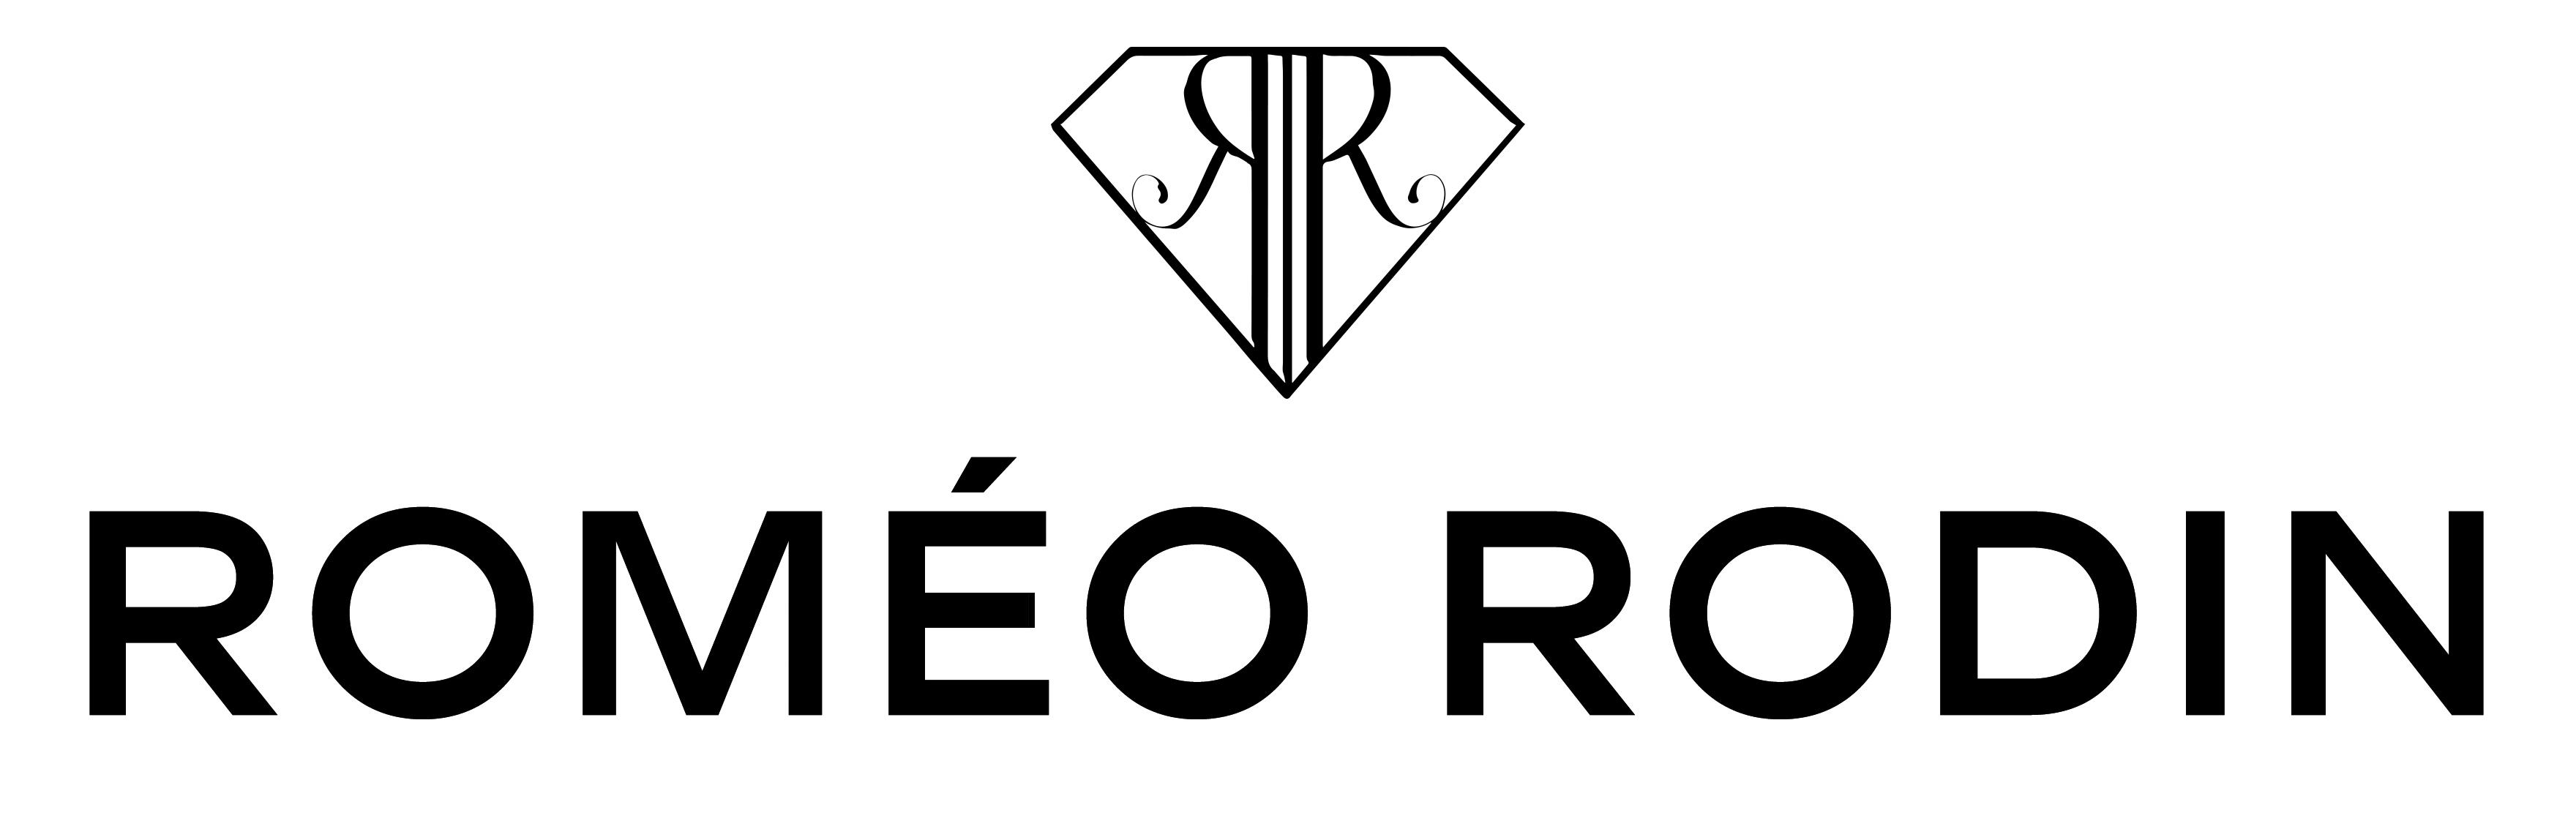 Roméo Rodin